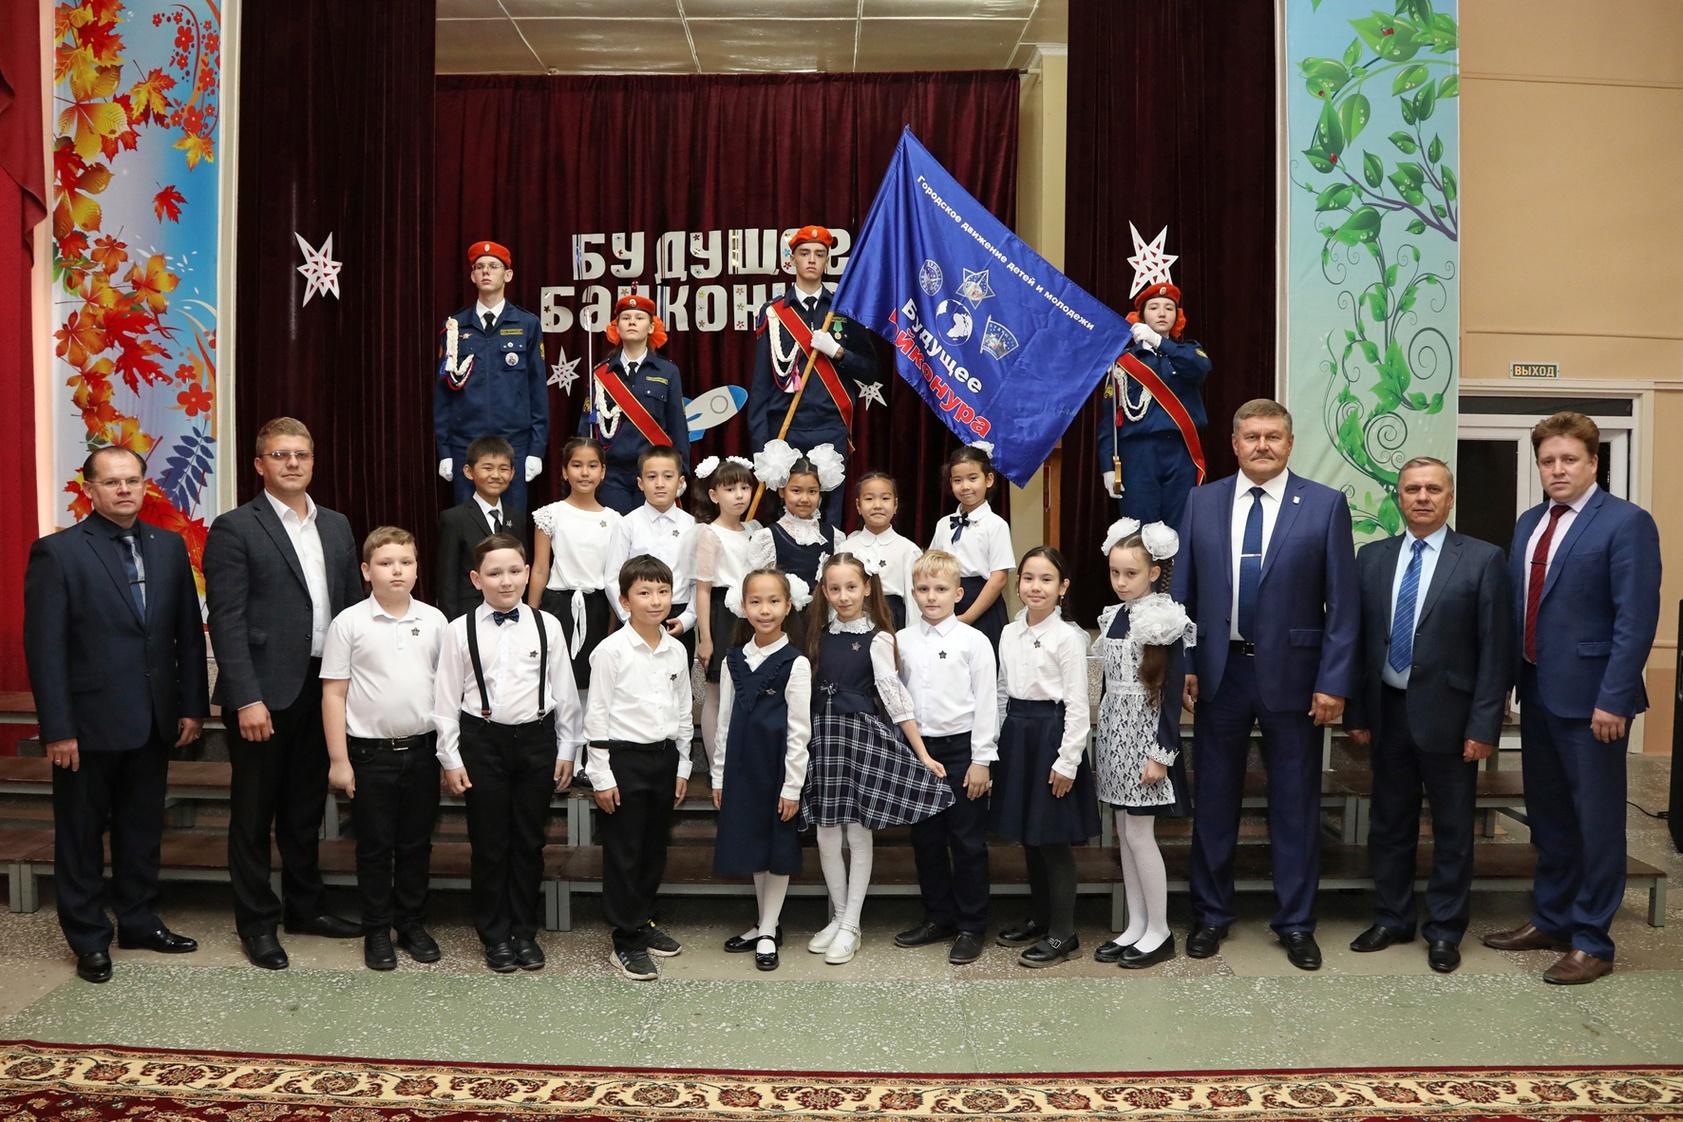 В школах № 3 и № 4 прошли торжественные церемонии приёма в ряды городского движения детей и молодежи «Будущее Байконура»